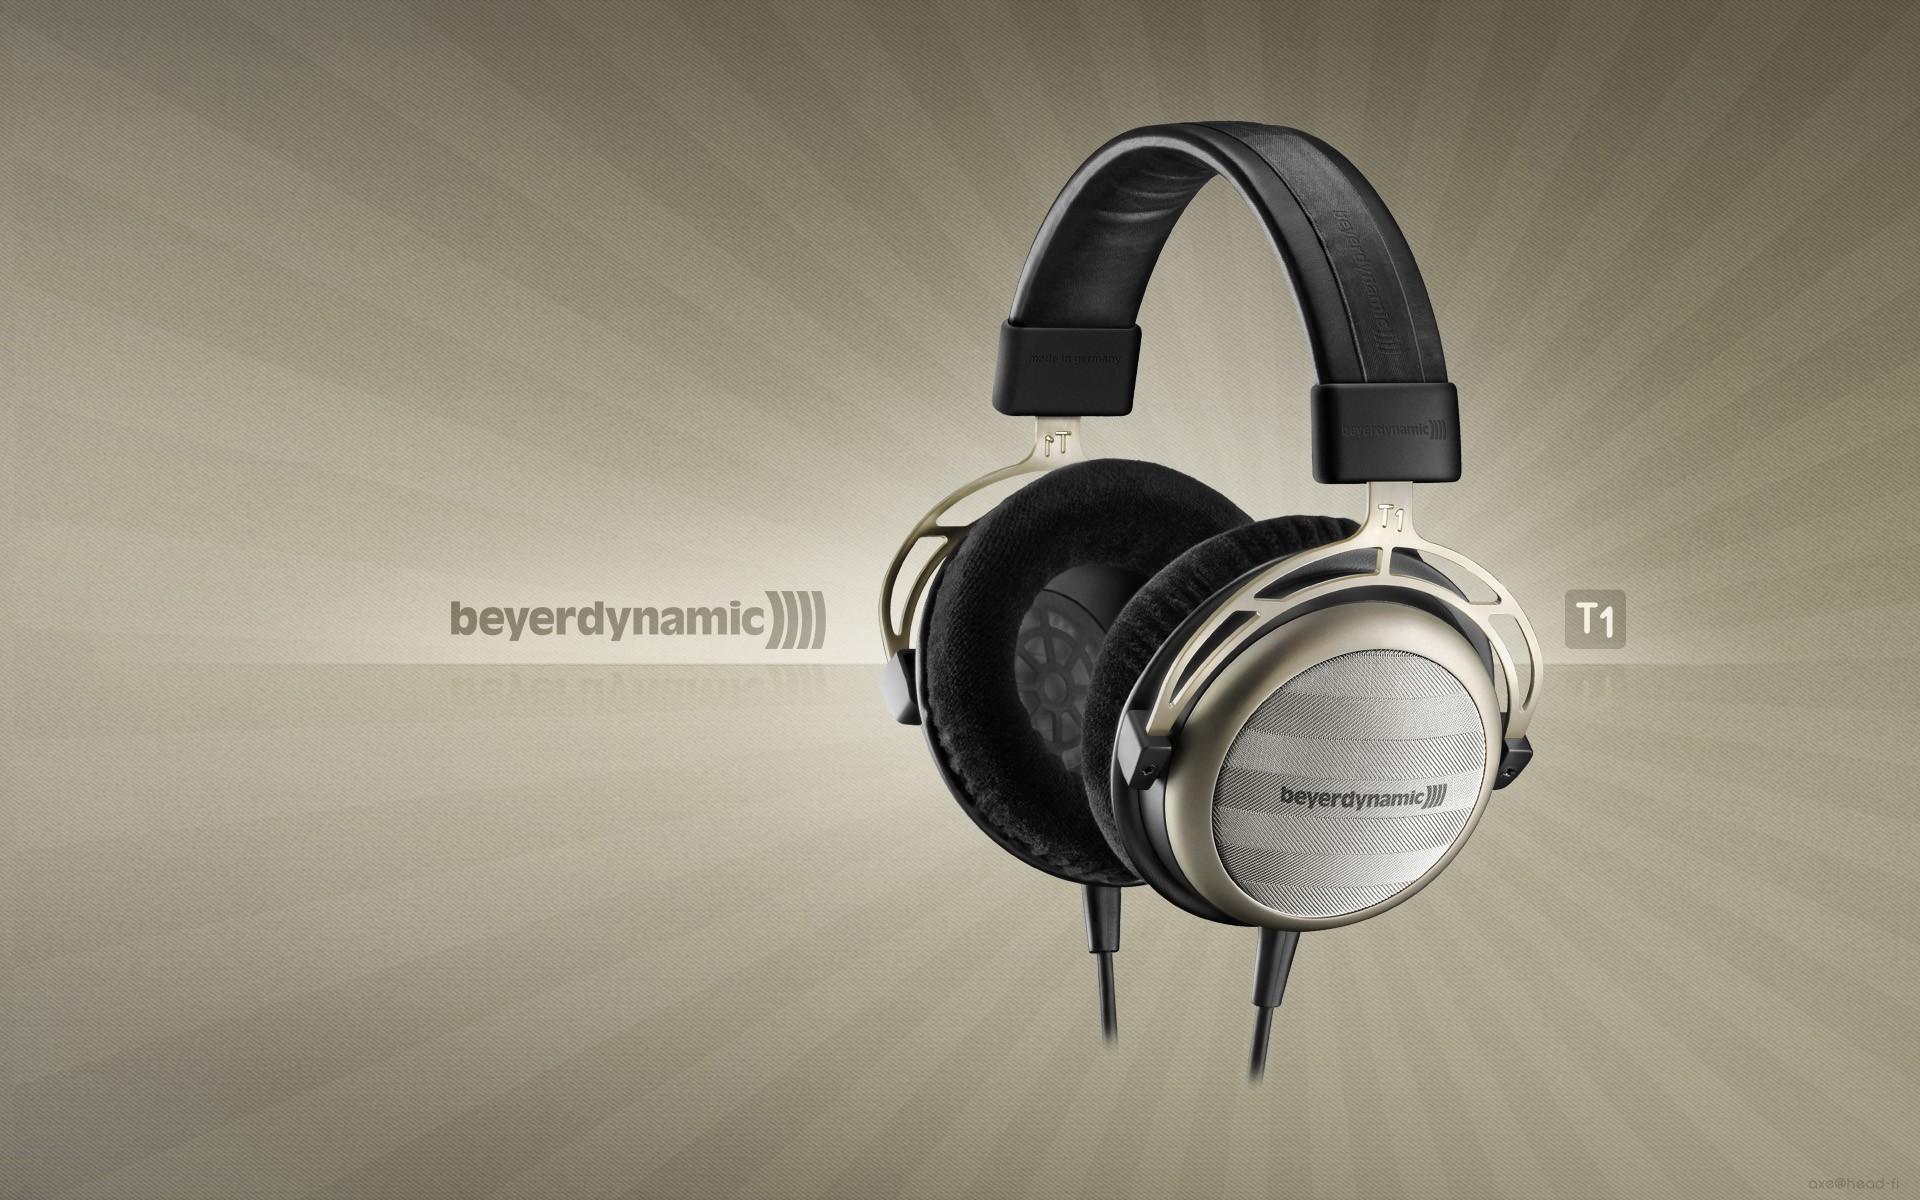 General 1920x1200 headphones beyerdynamic technology